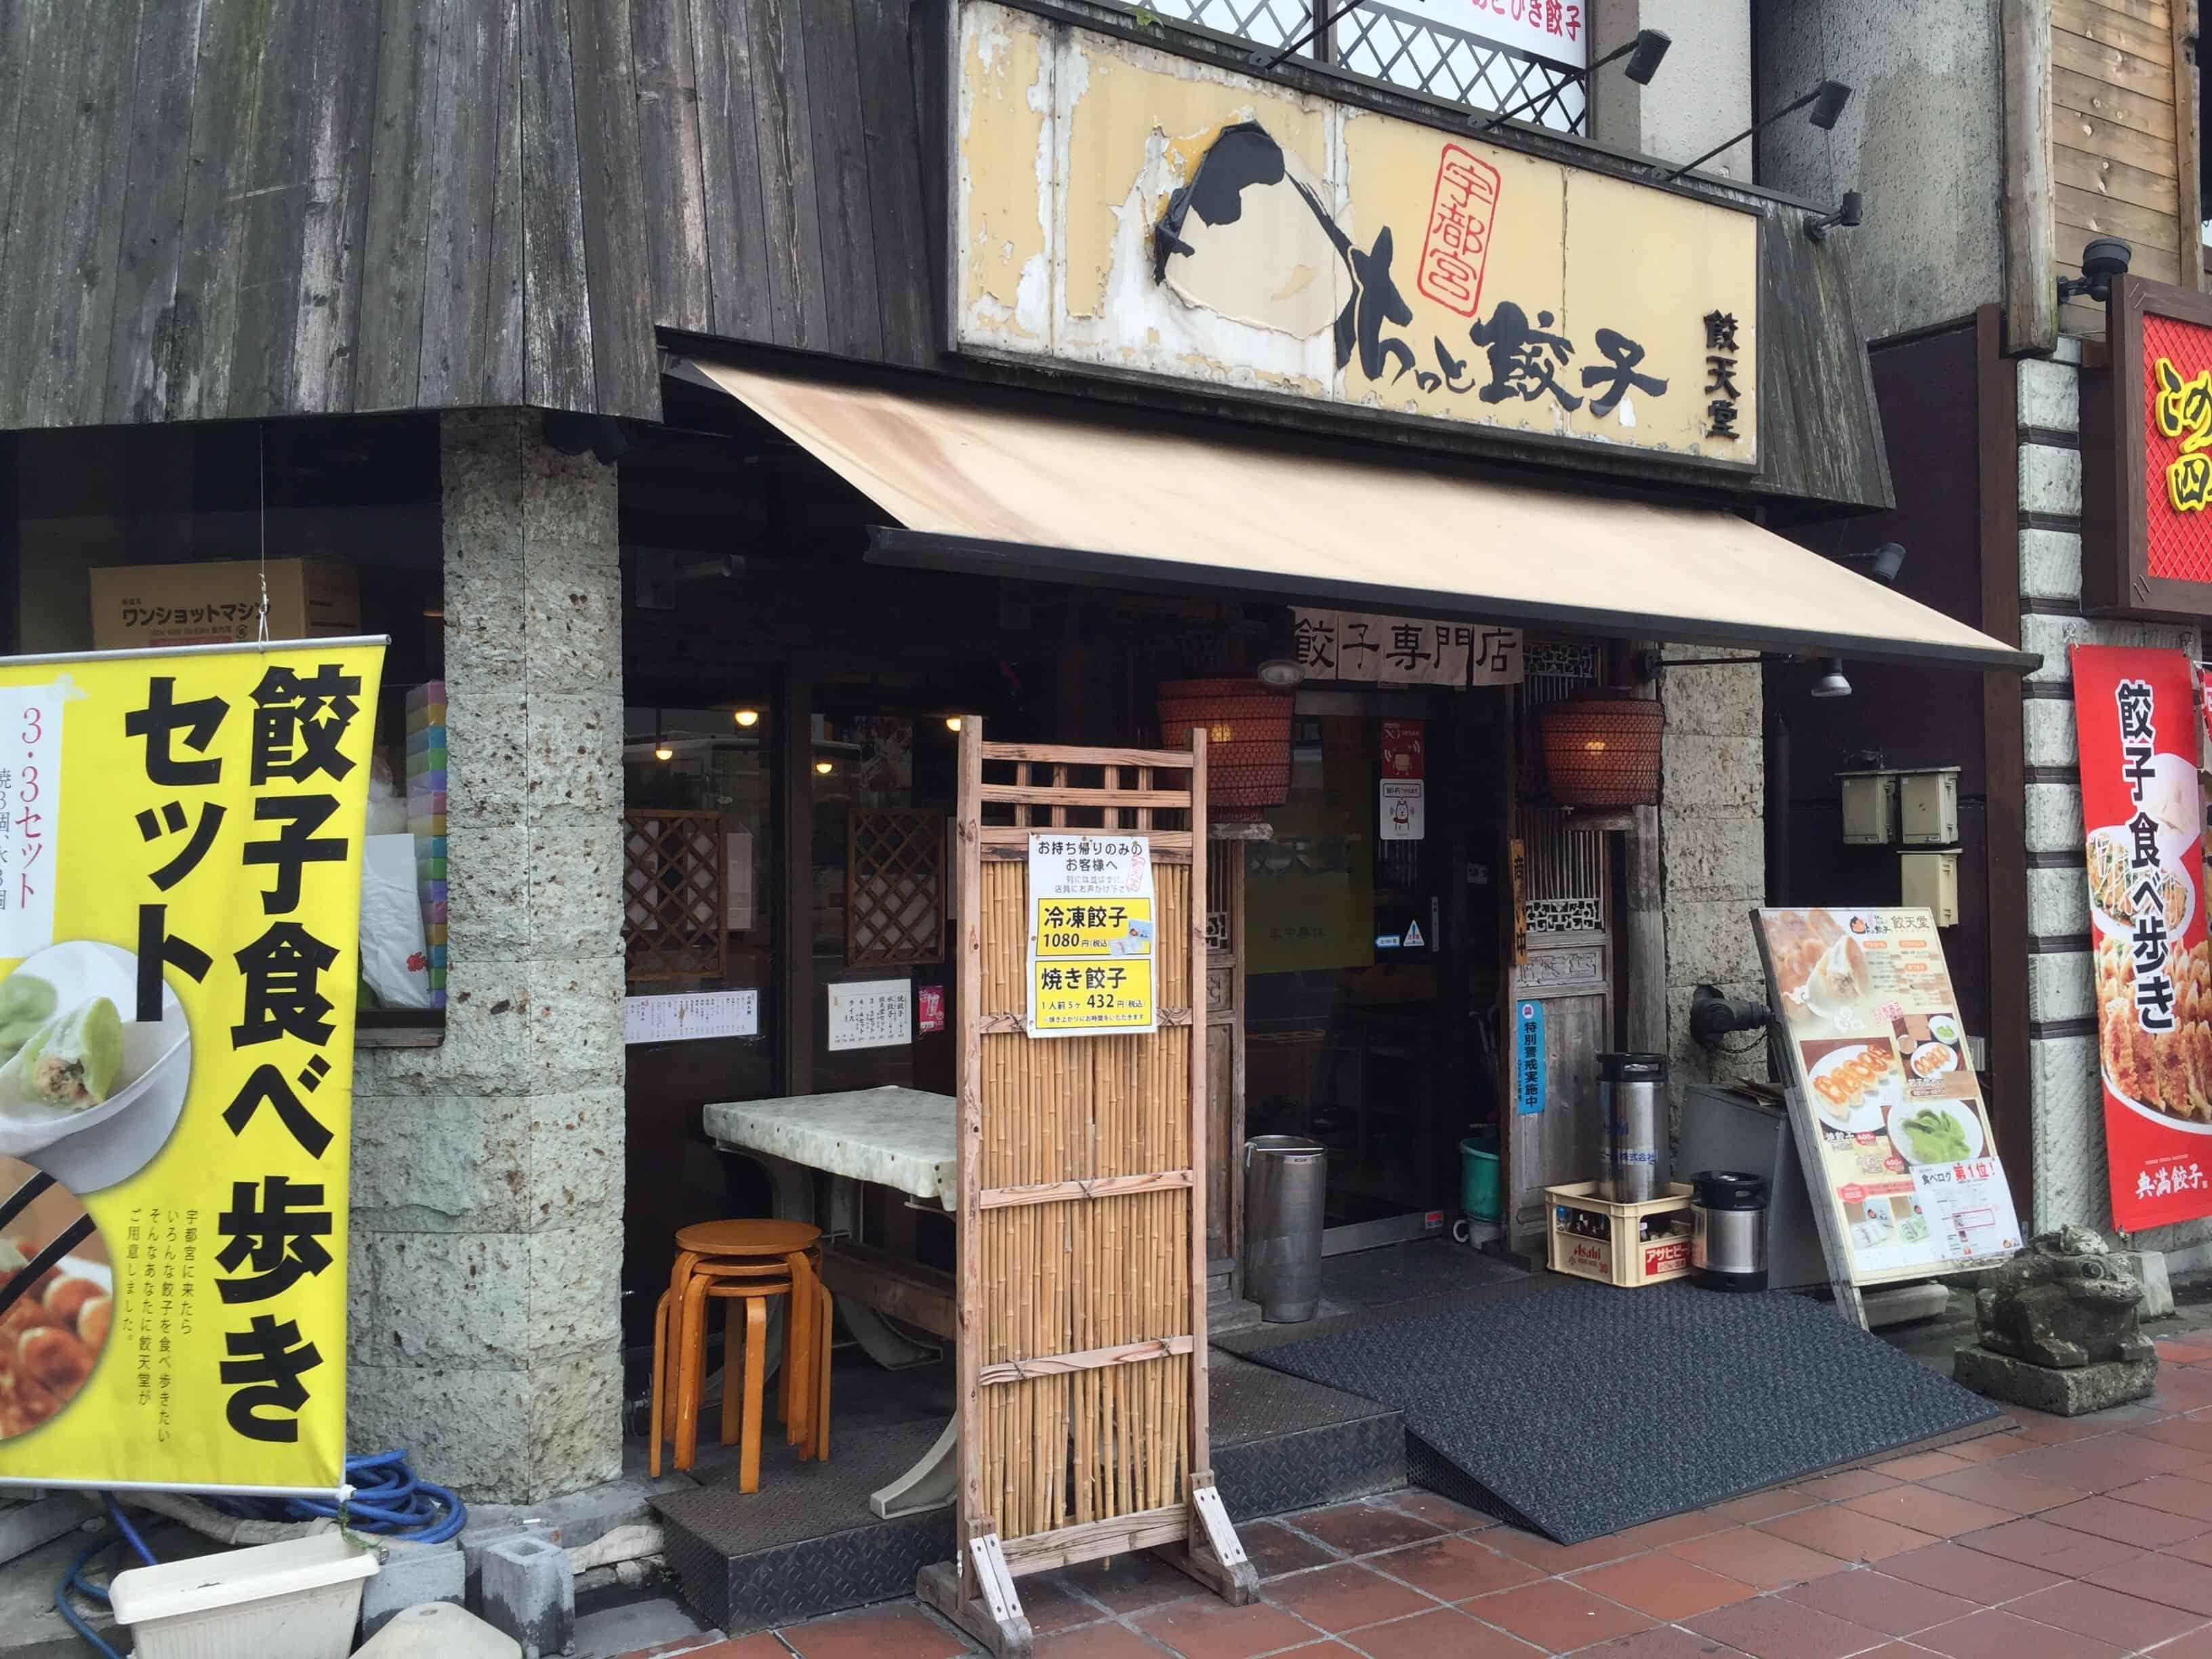 Utsunomiya gyoza - Gyotendou (餃天堂)